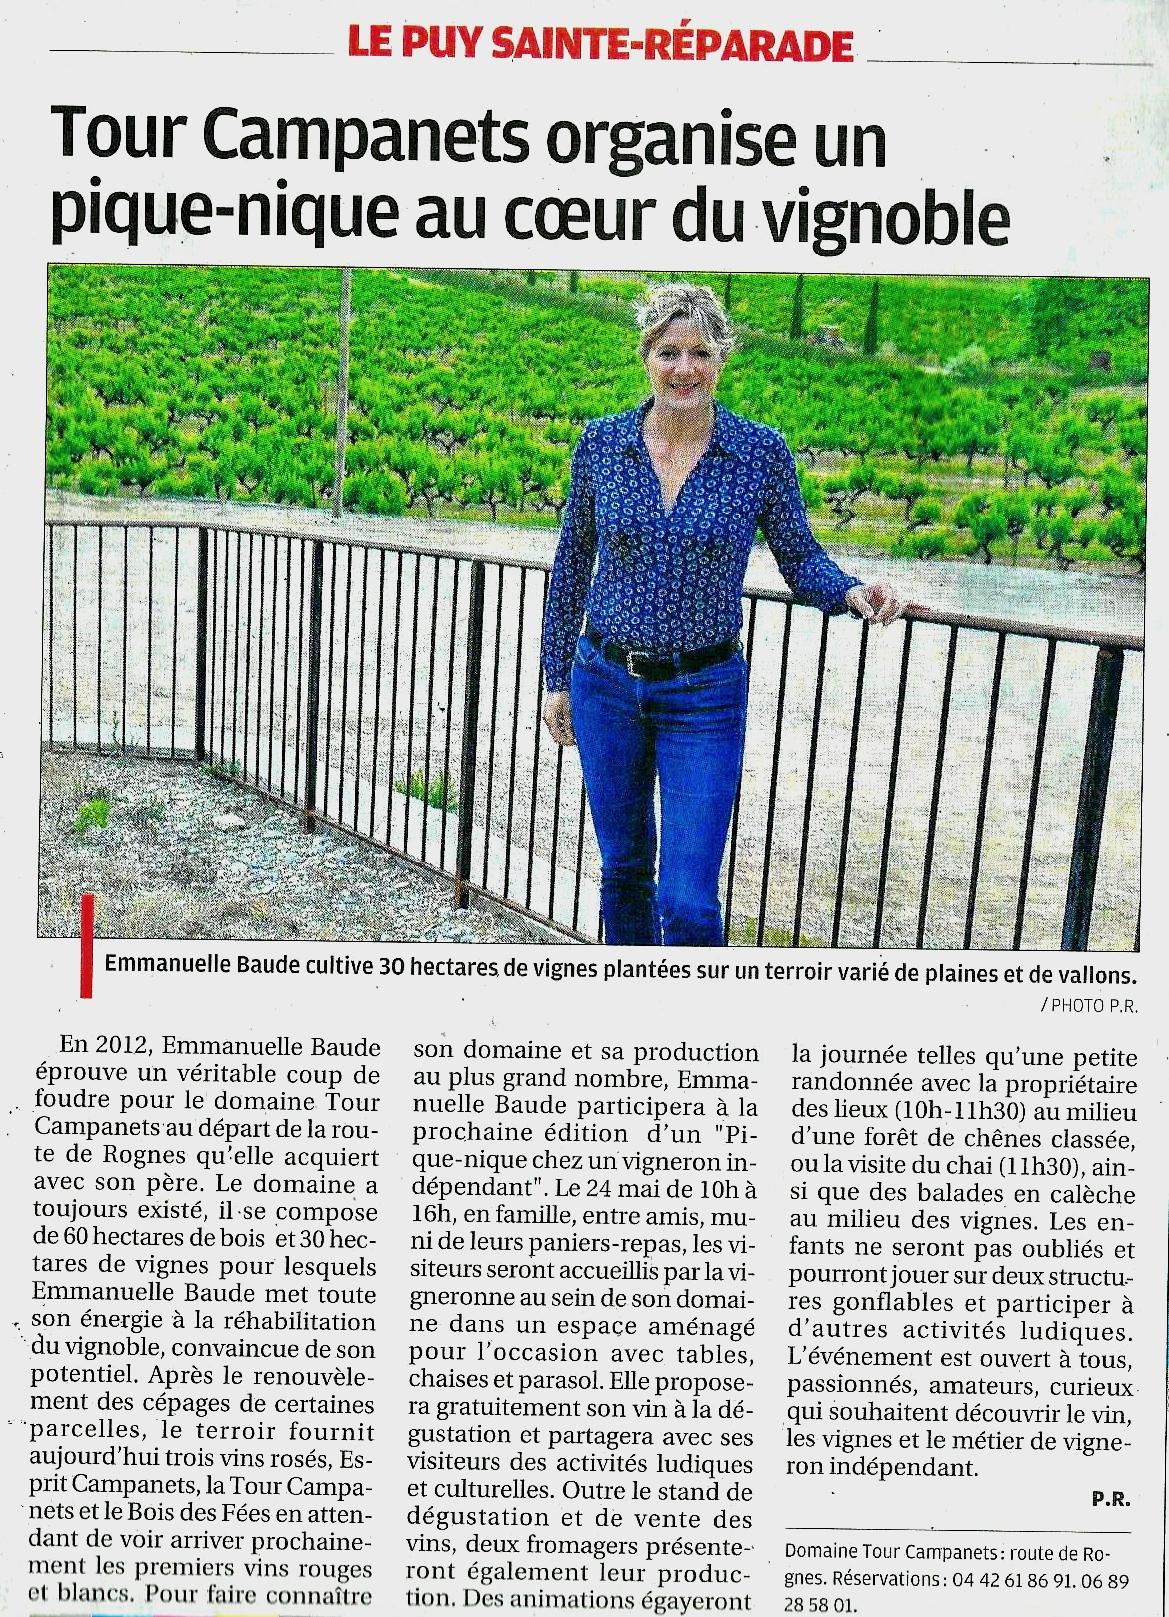 Article Pique Nique Domaine Tour Campanets